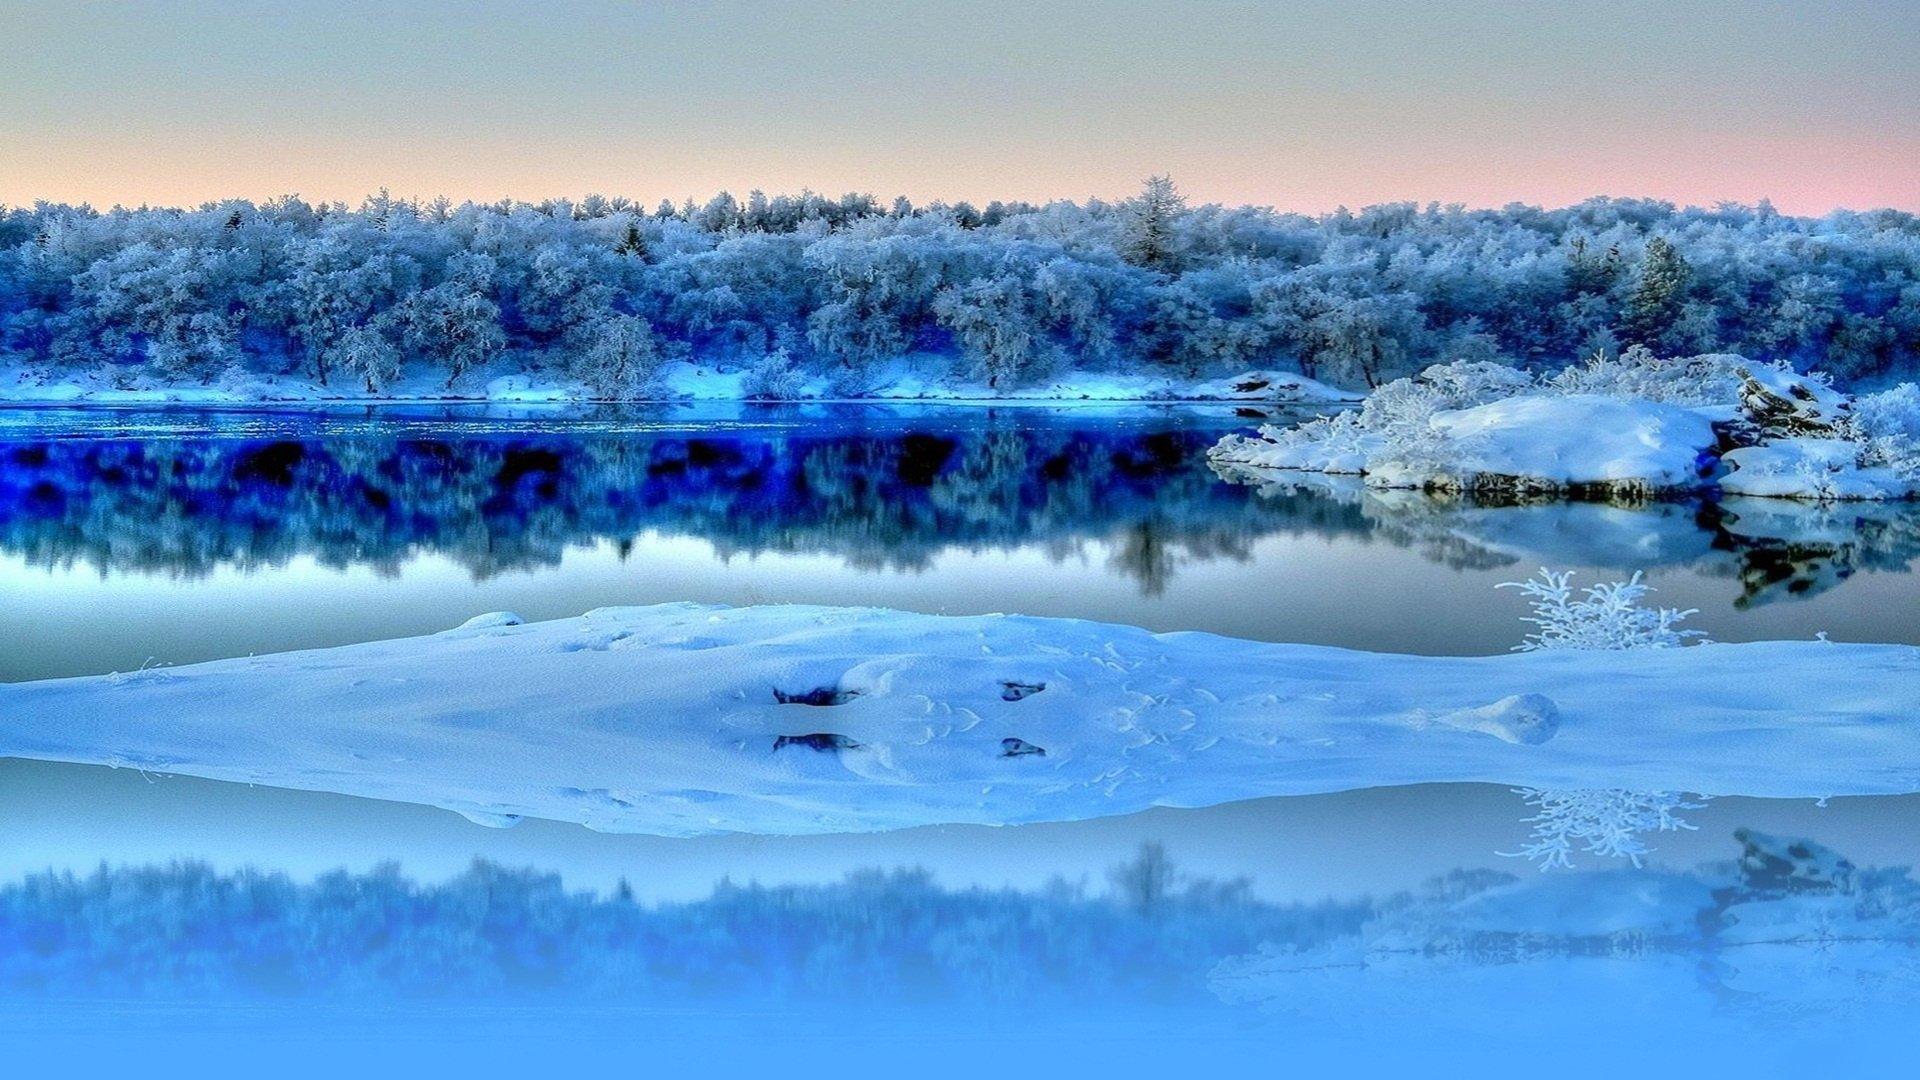 Речка зима иней смотреть